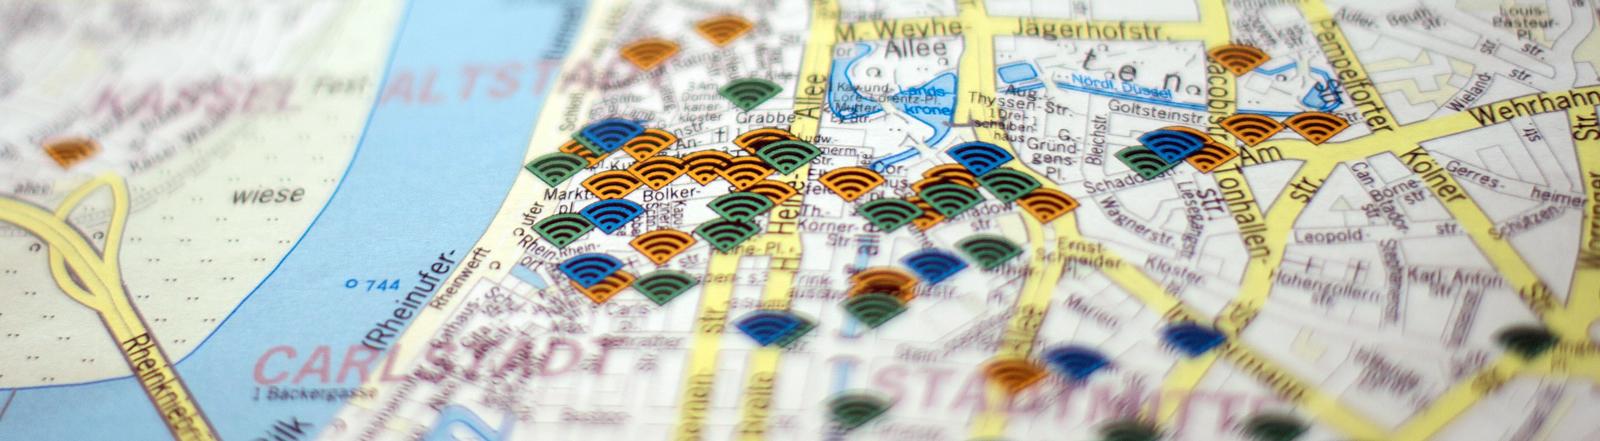 Karte von Düsseldorf mit Wlan-Symbolen